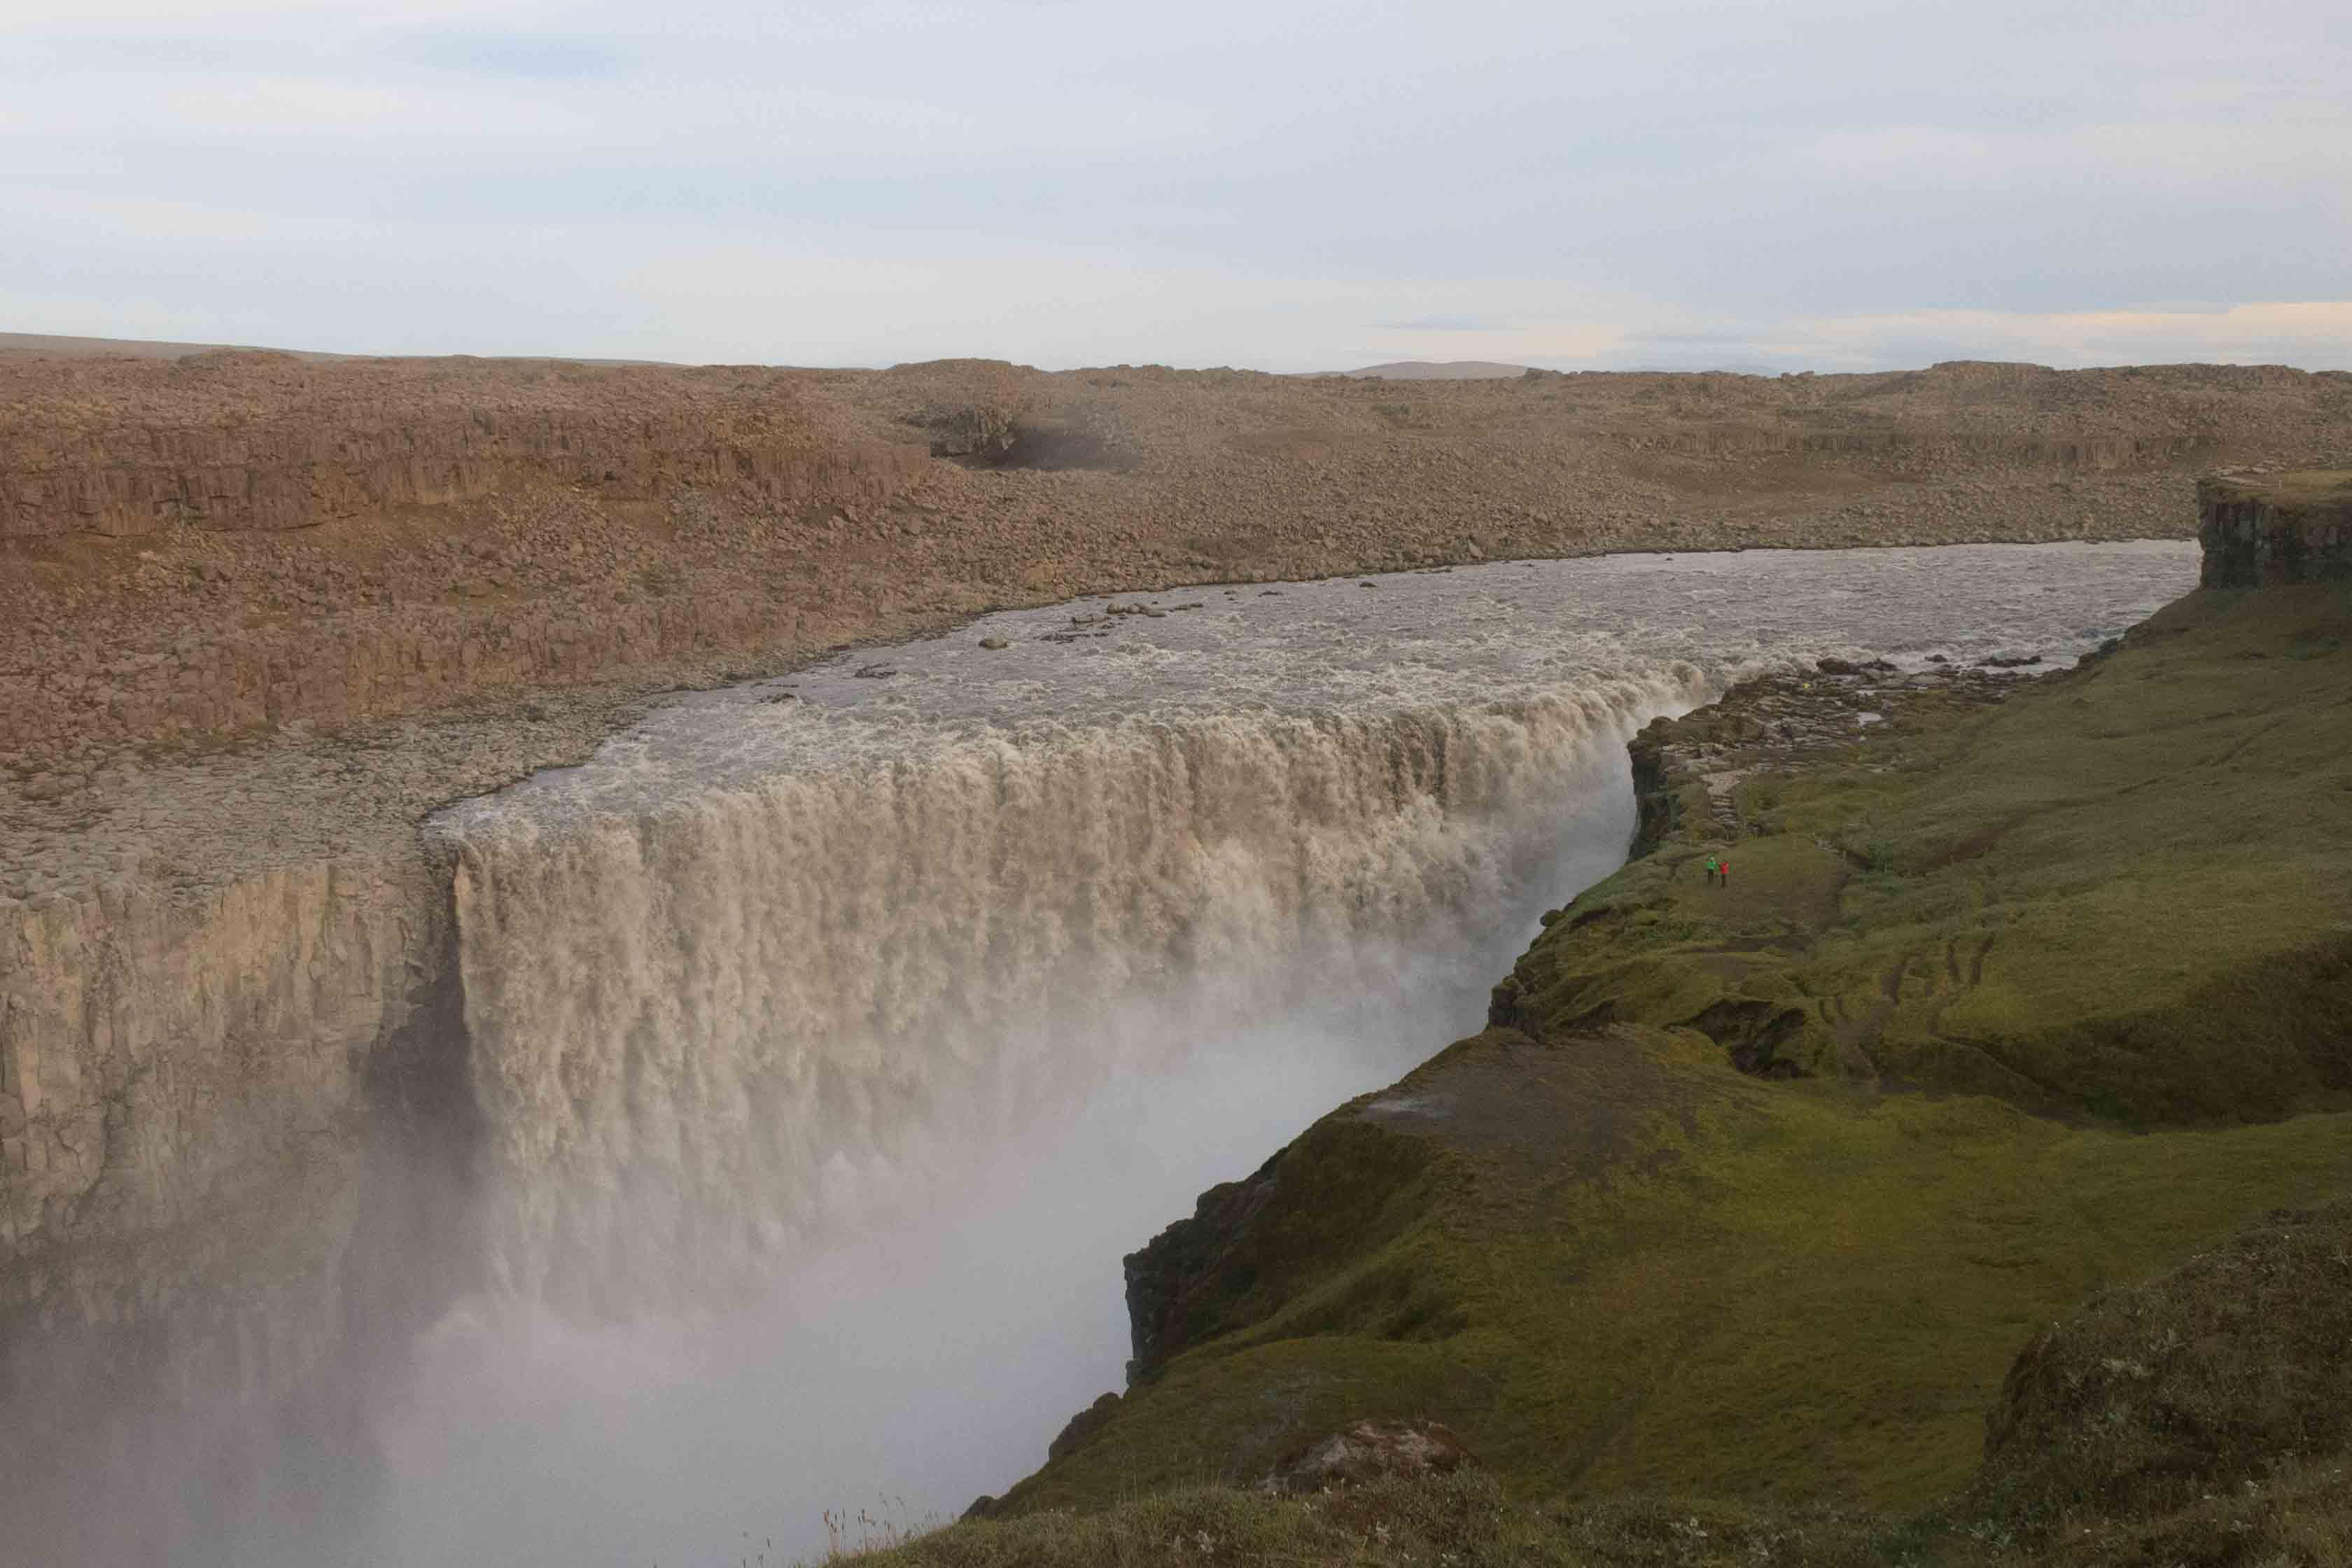 Dettifoss, la cascada más caudalosa de Islandia…. Después de un trekking fantástico llegamos a esta cascada donde pudimos observar el espectáculo de la fuerza del agua. Categoría: Fotaza